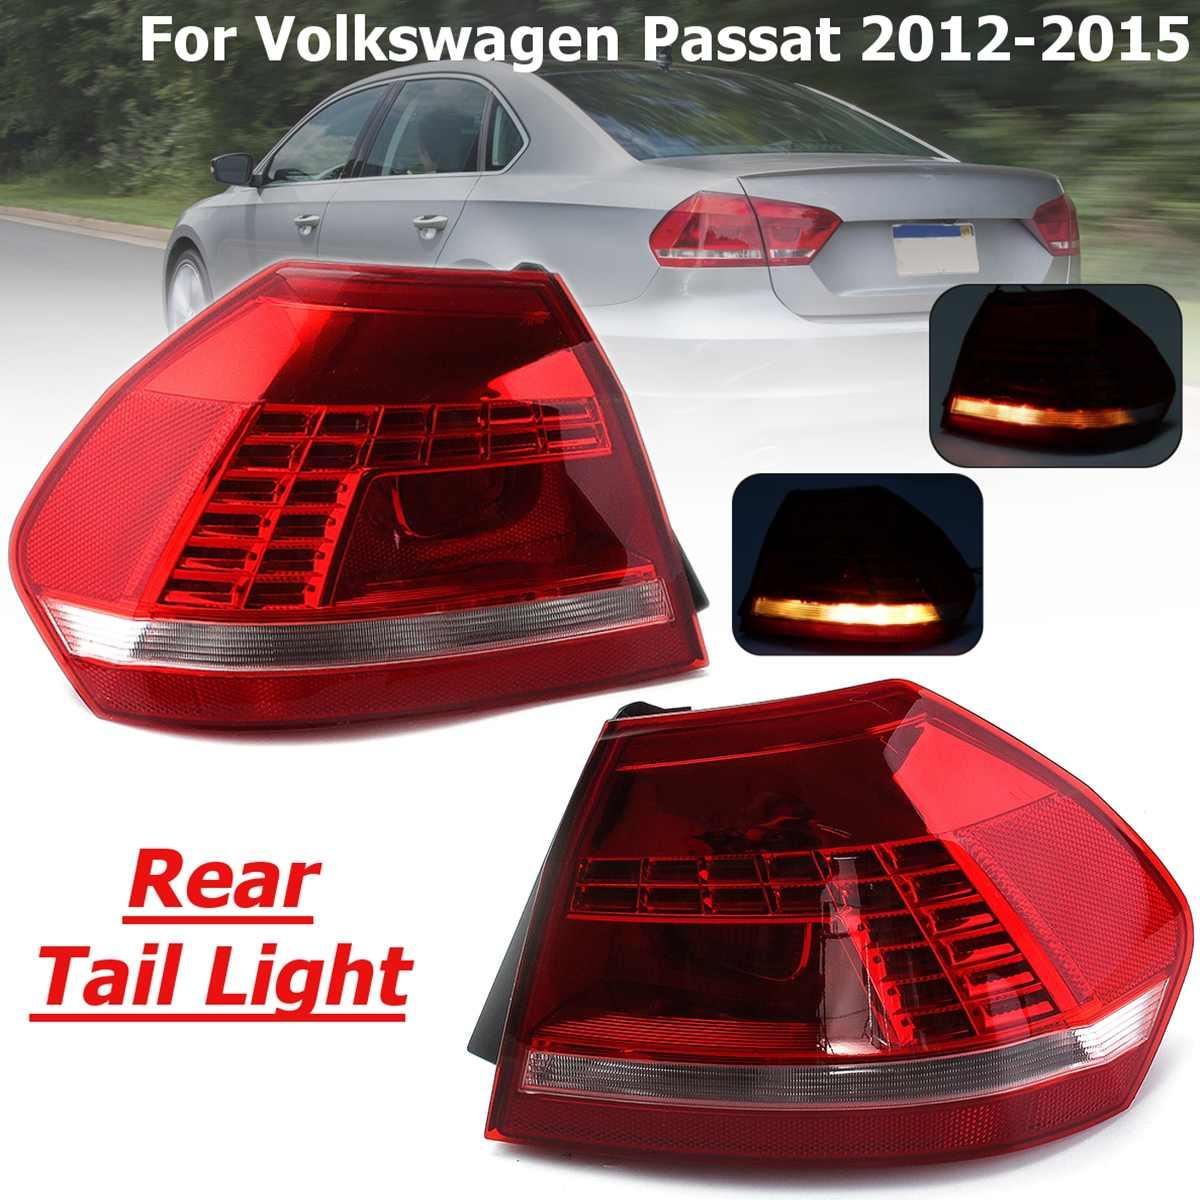 Pour Volkswagen Passat B7 2012 2013 2014 2015 feu de freinage halogène feu de pare-chocs arrière feu stop feu de conduite 12318798